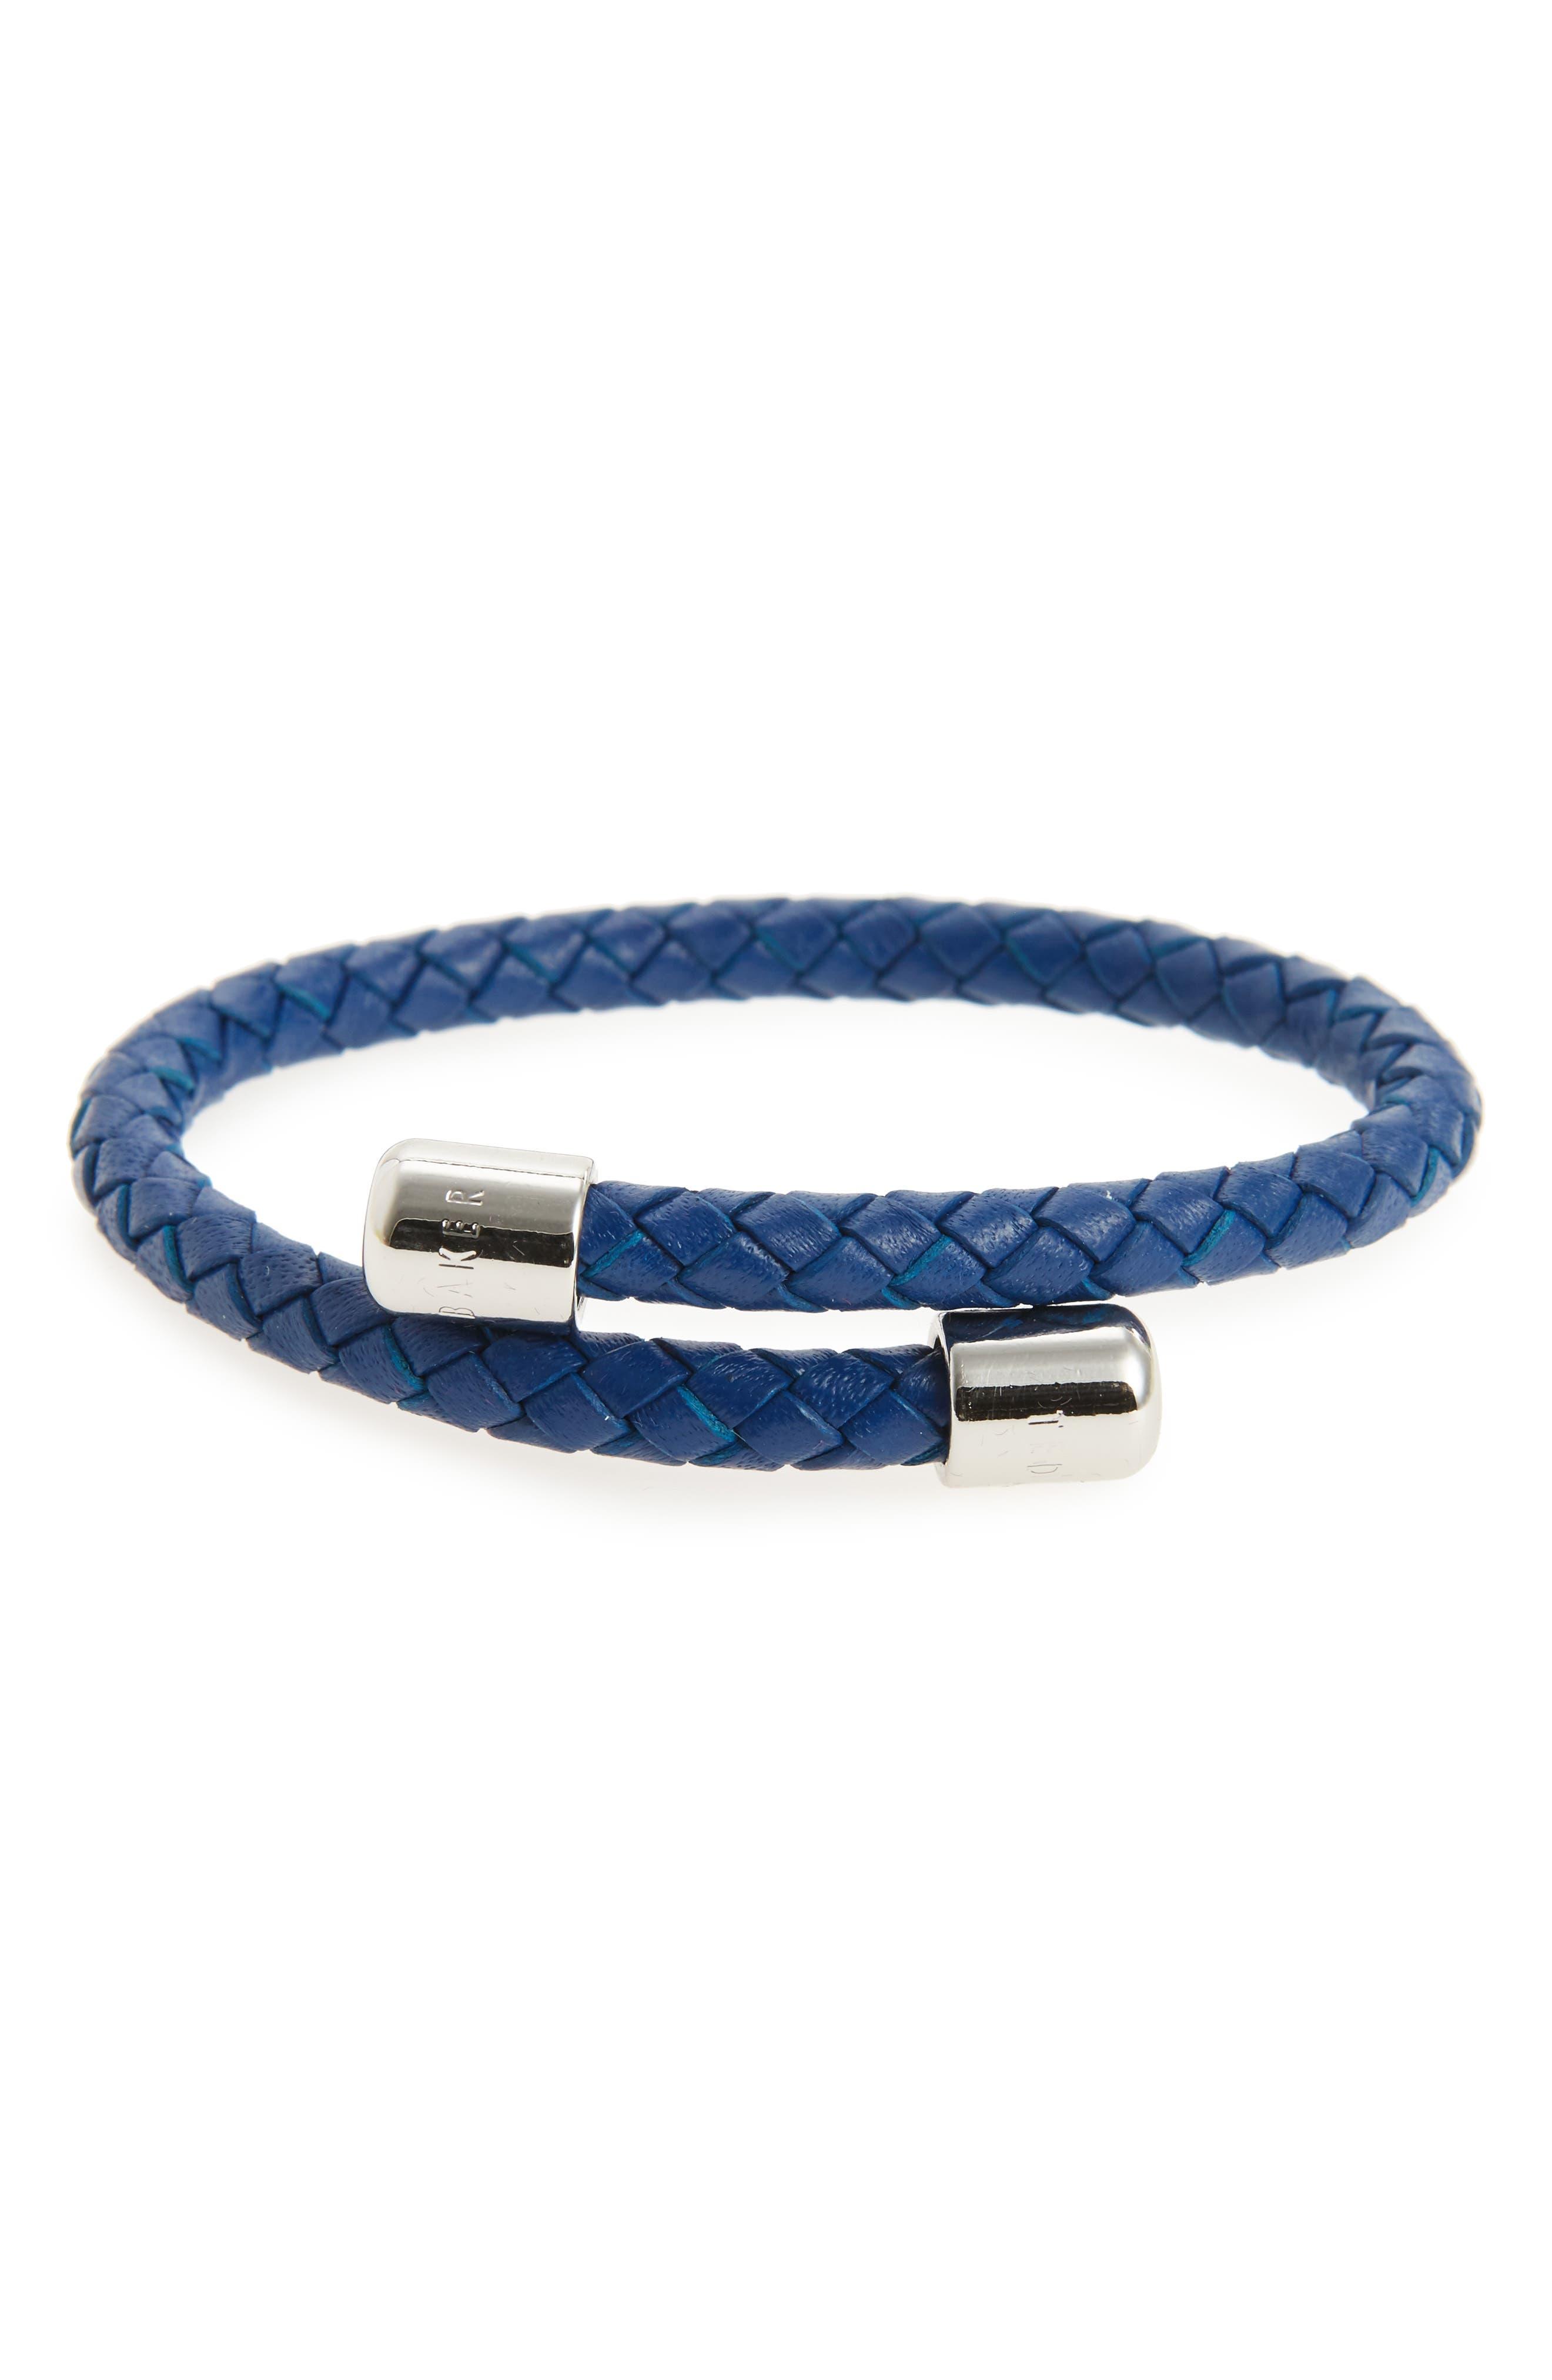 Bassett Braided Leather Bracelet,                         Main,                         color, Navy